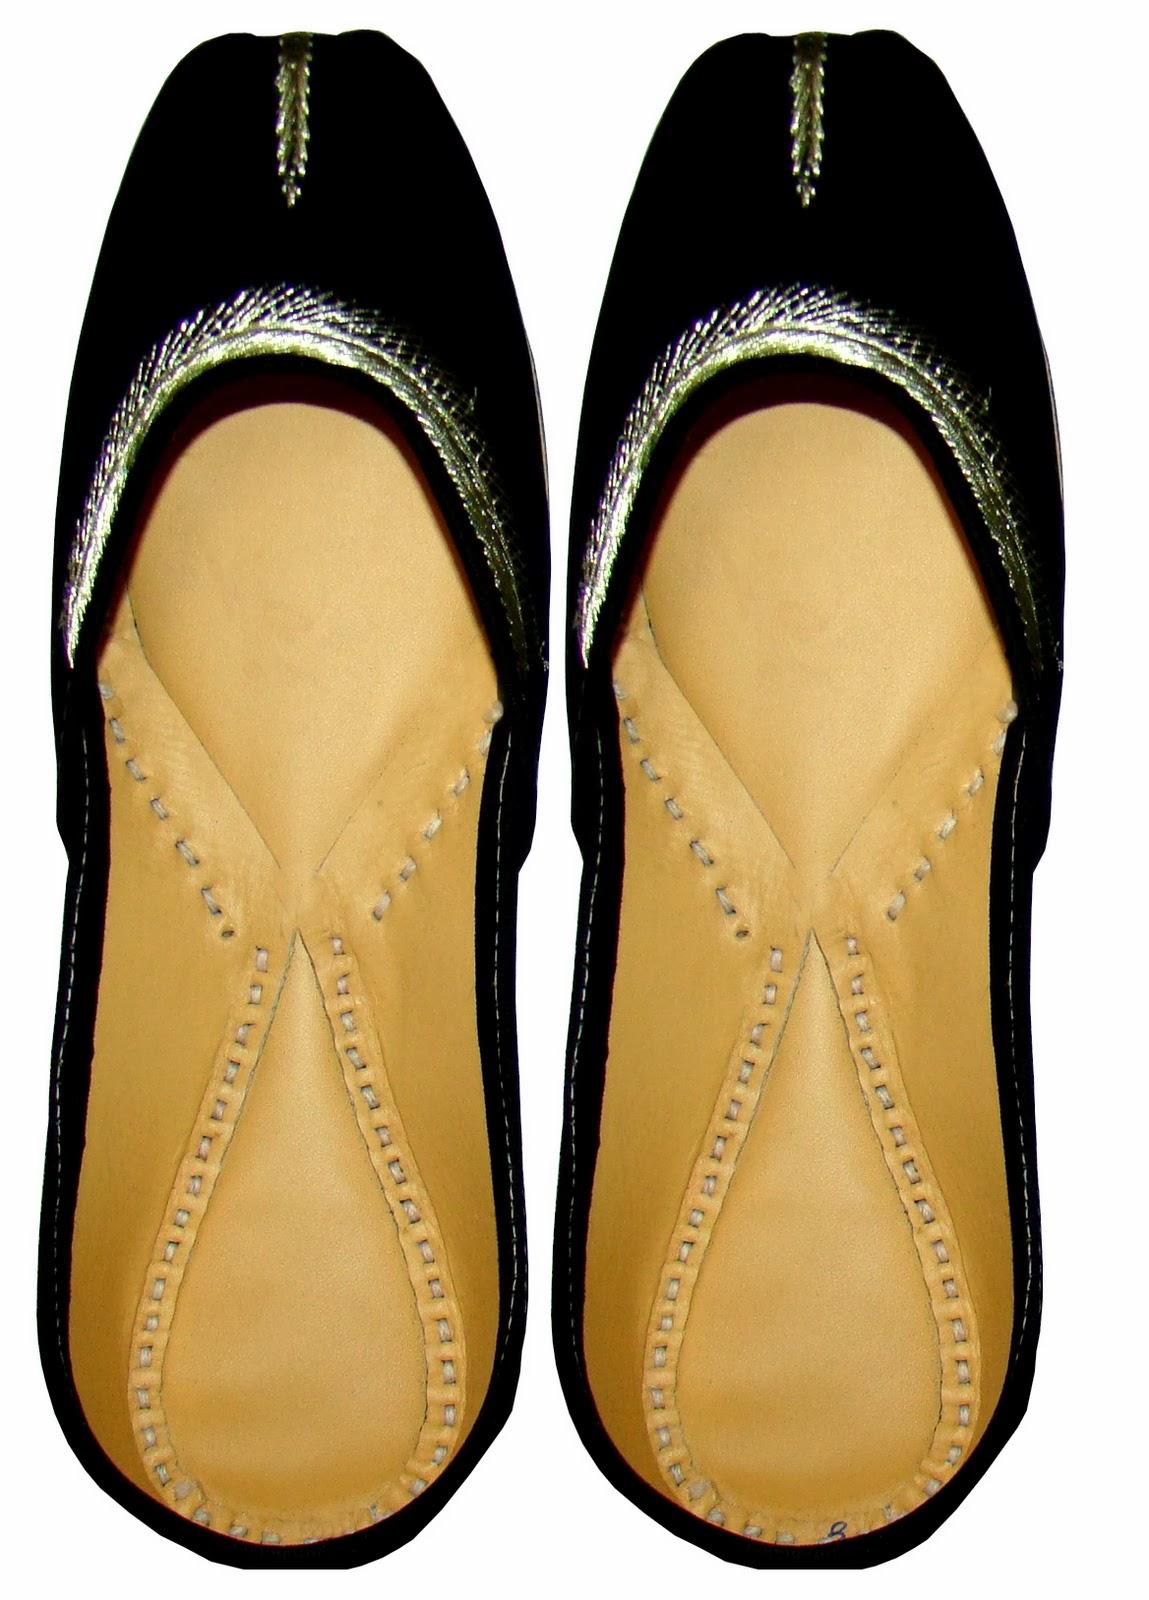 Beauty And Fashion Mex Sherwani Shoes